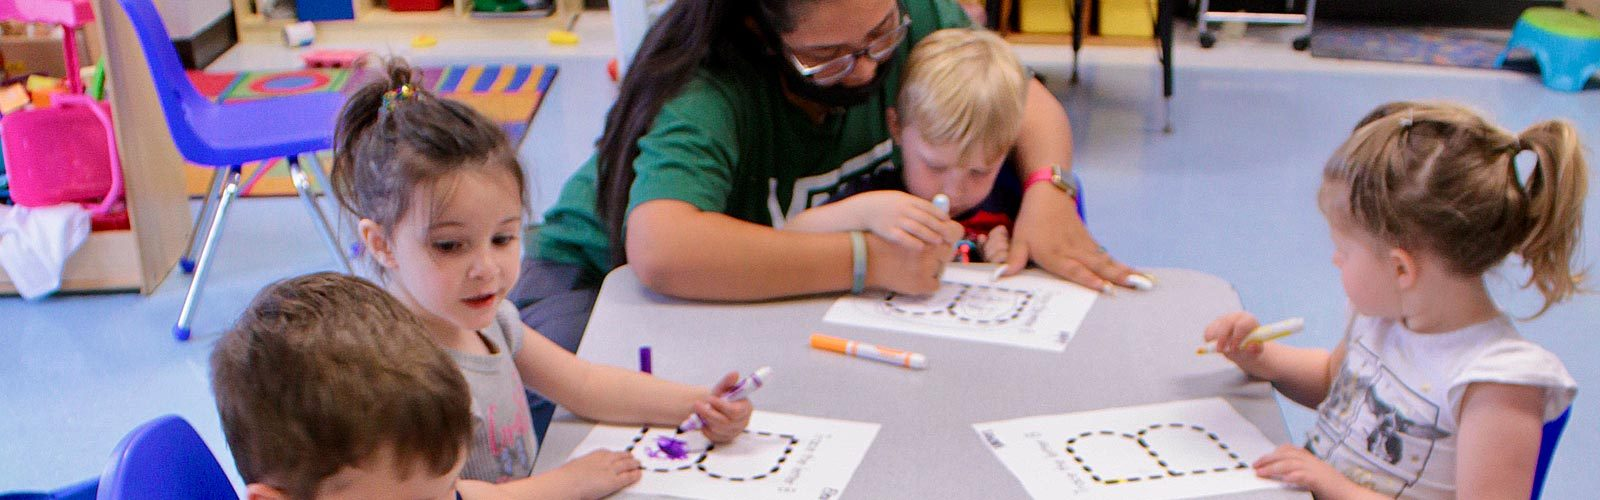 hero-slide_children-coloring-letter-b